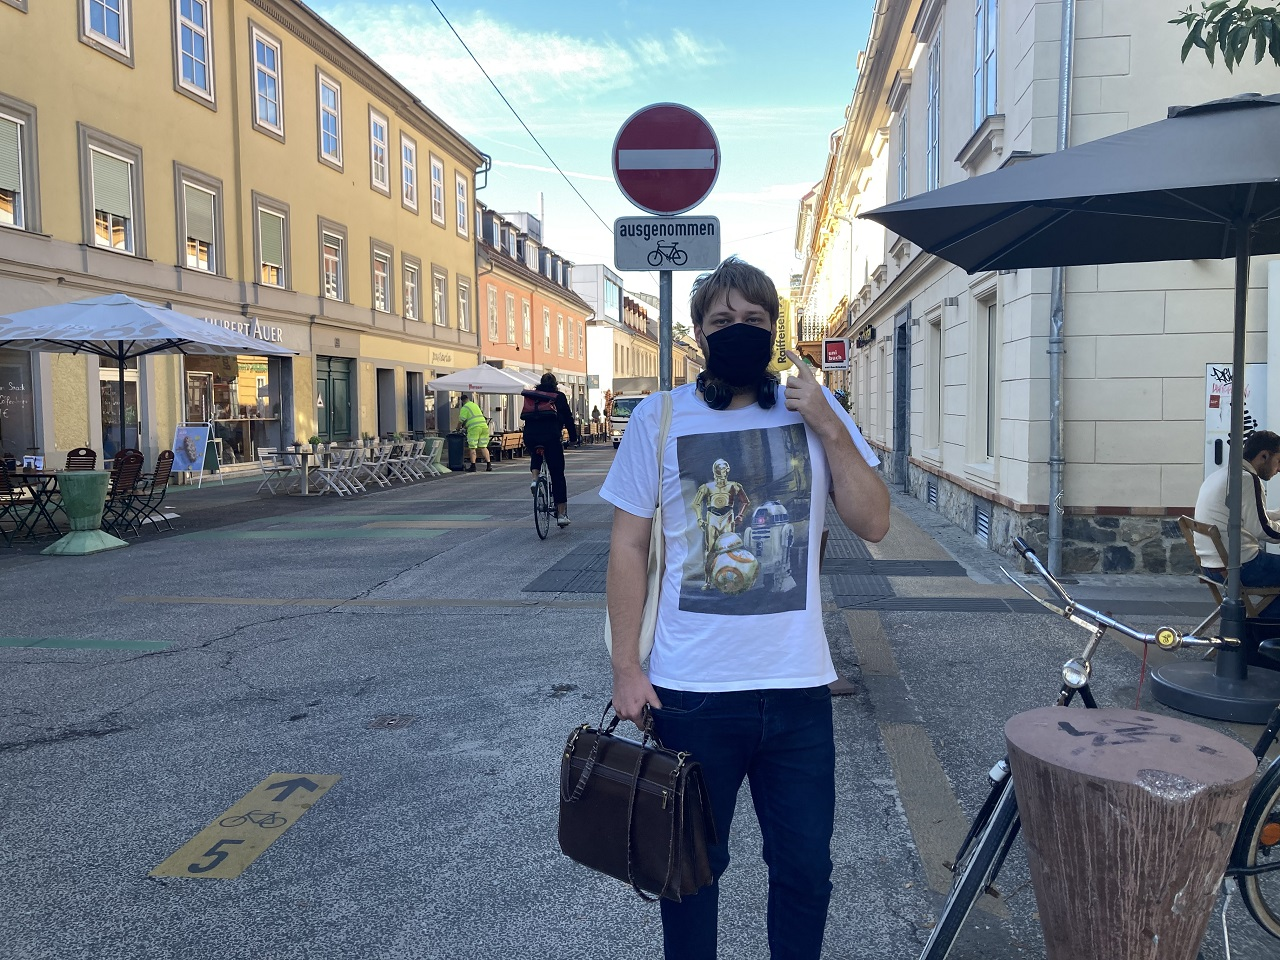 Ein  Student trägt einen Mund-Nasen-Schutz, auf den er mit einer Hand zeigt, und steht in der Grazer Zinzendorfgasse nahe der Uni.